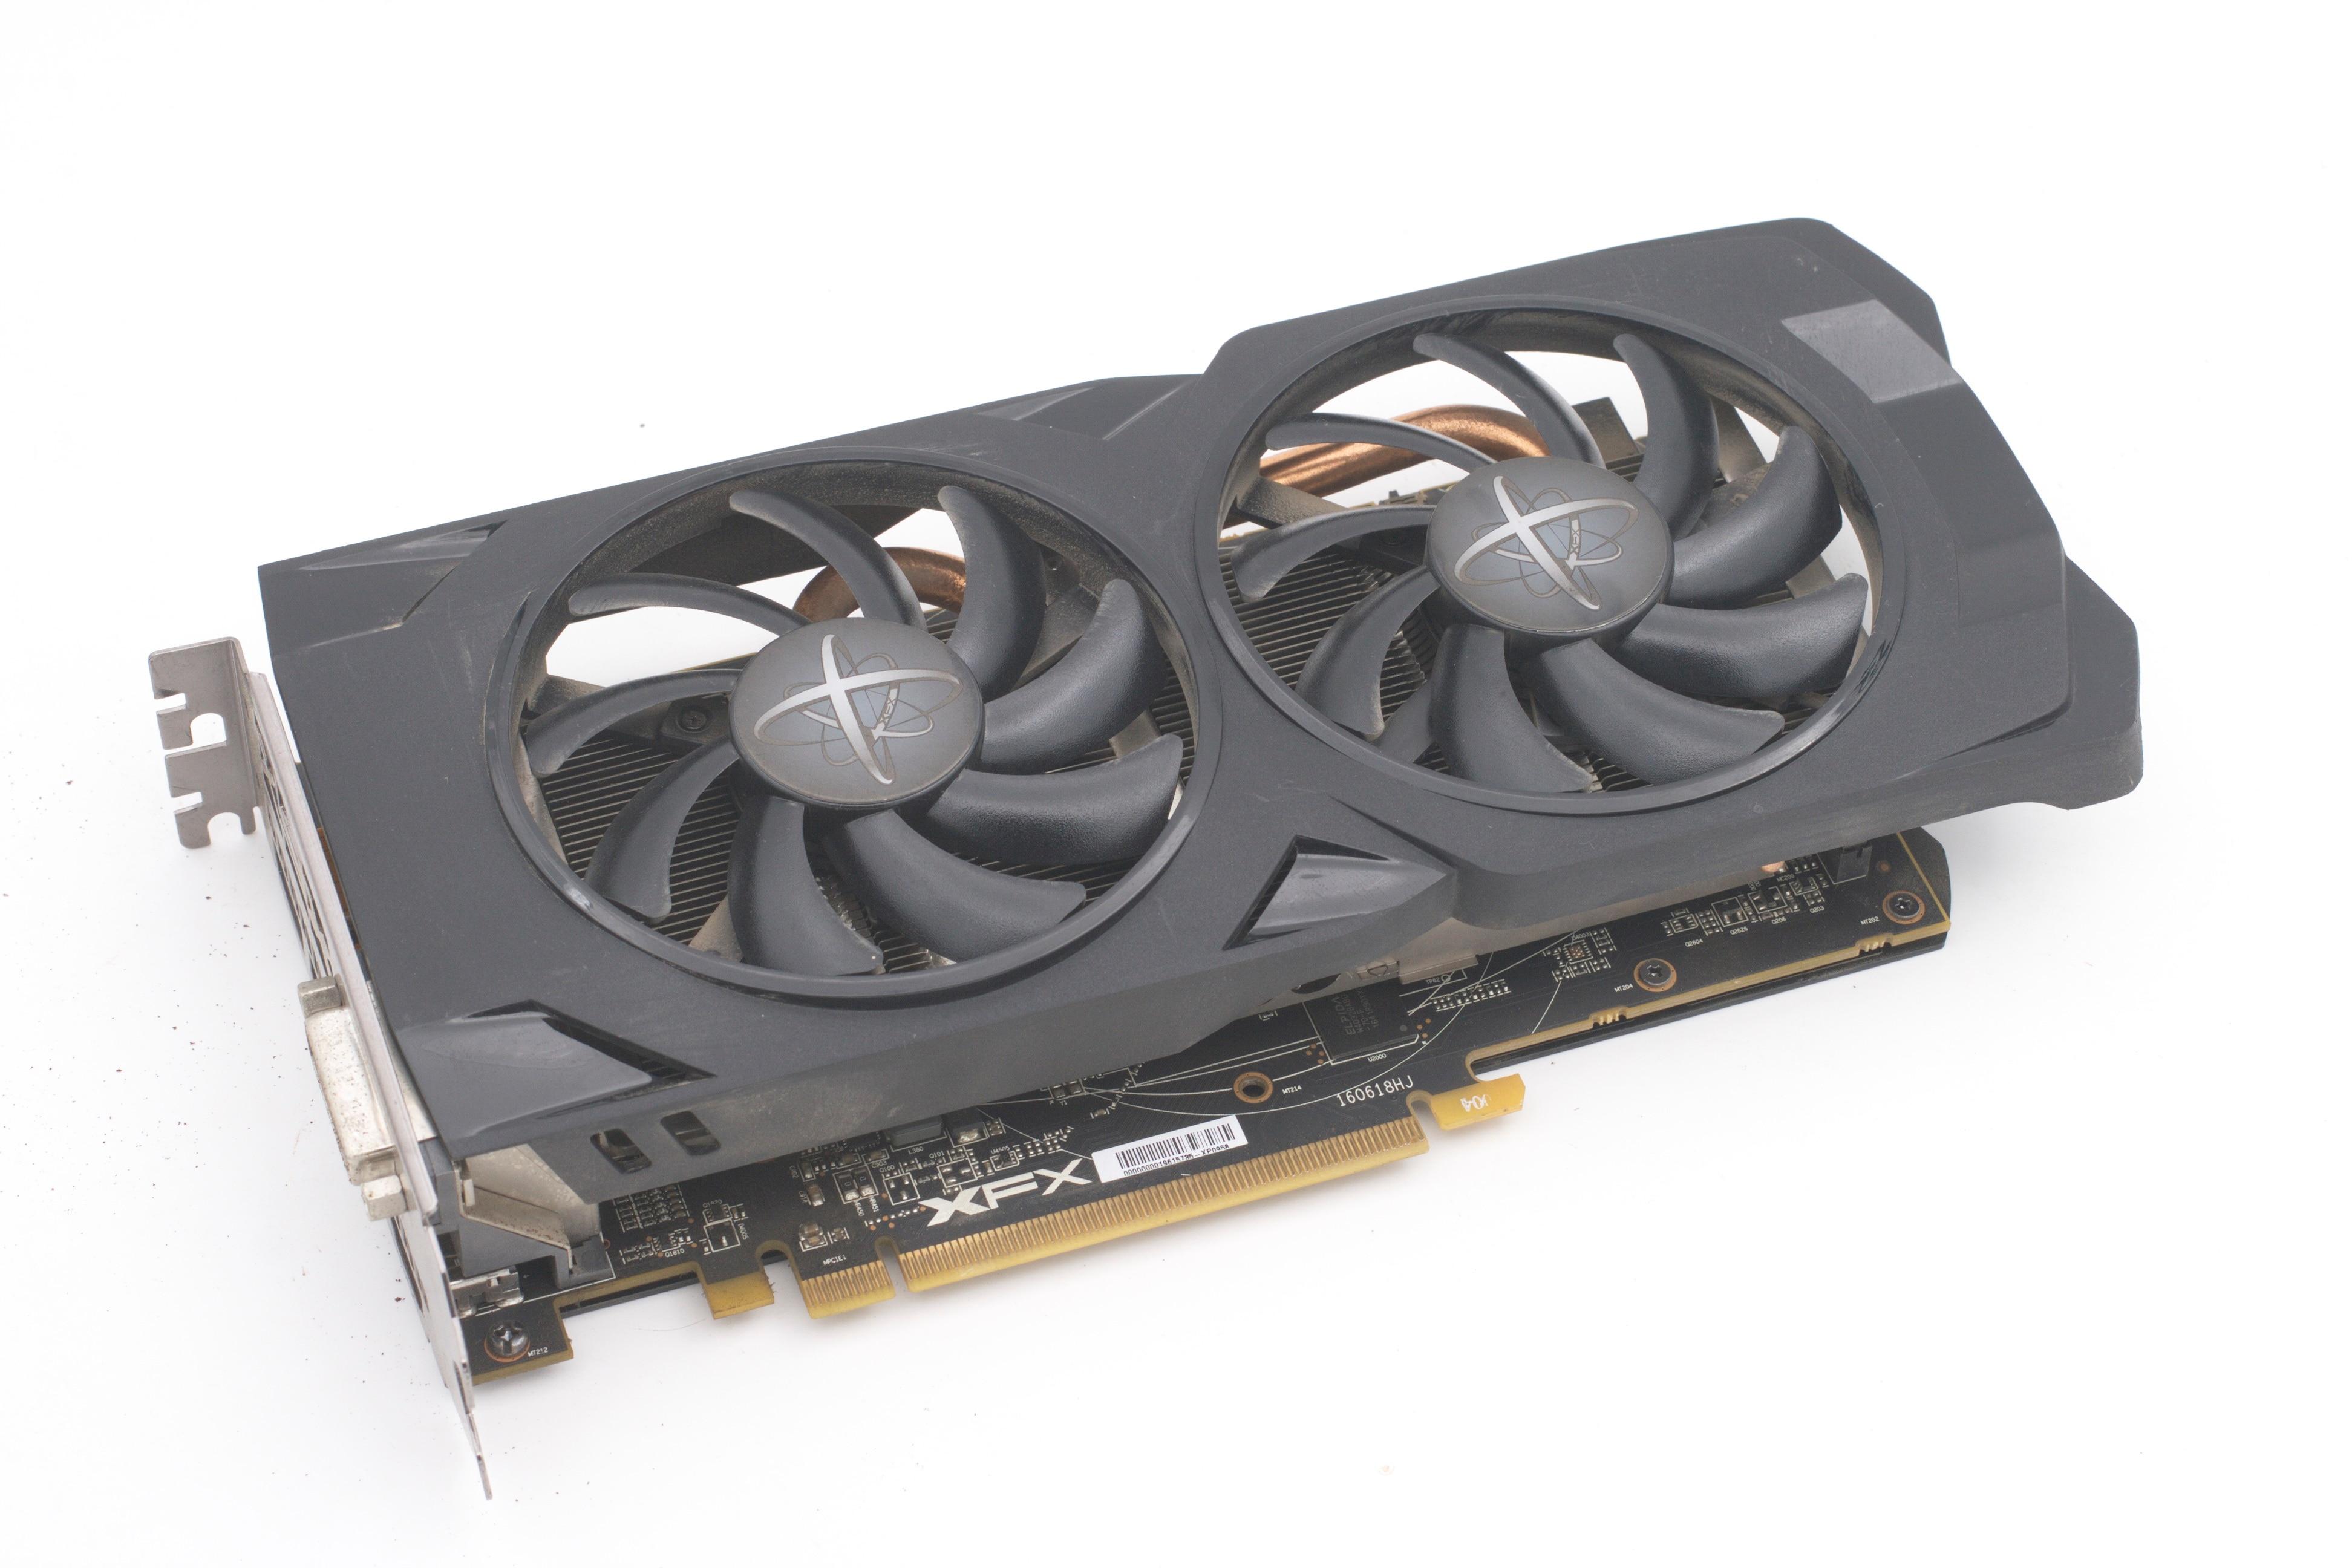 XFX AMD RX480 4G VGA Card Used